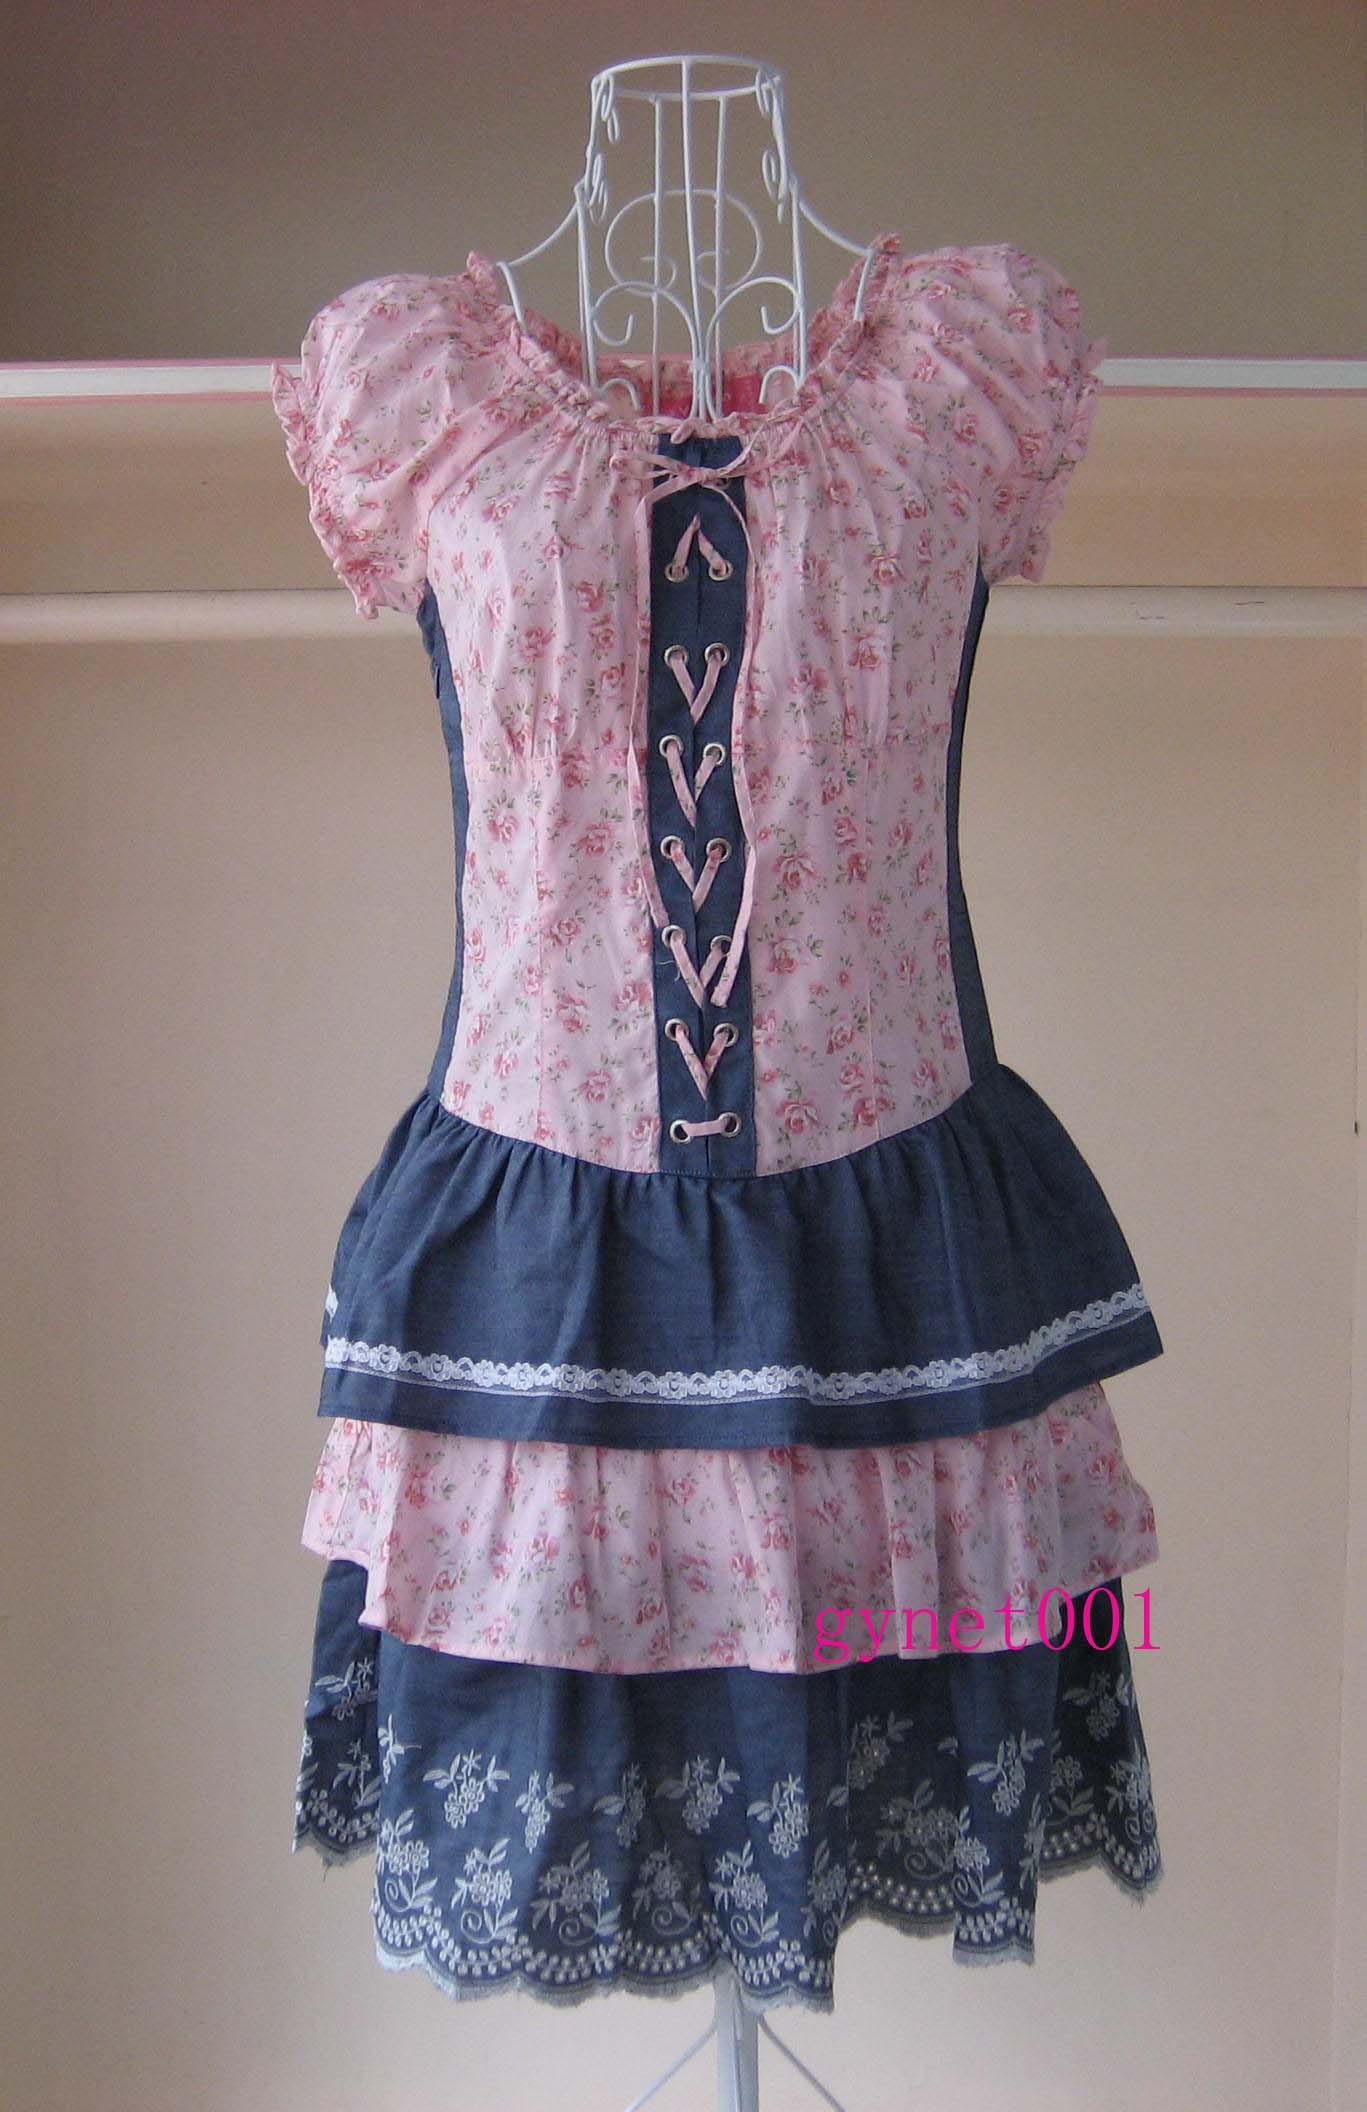 专柜正品阿依莲2011夏装新款怀旧淑女拼牛仔短袖连衣裙ca1228427